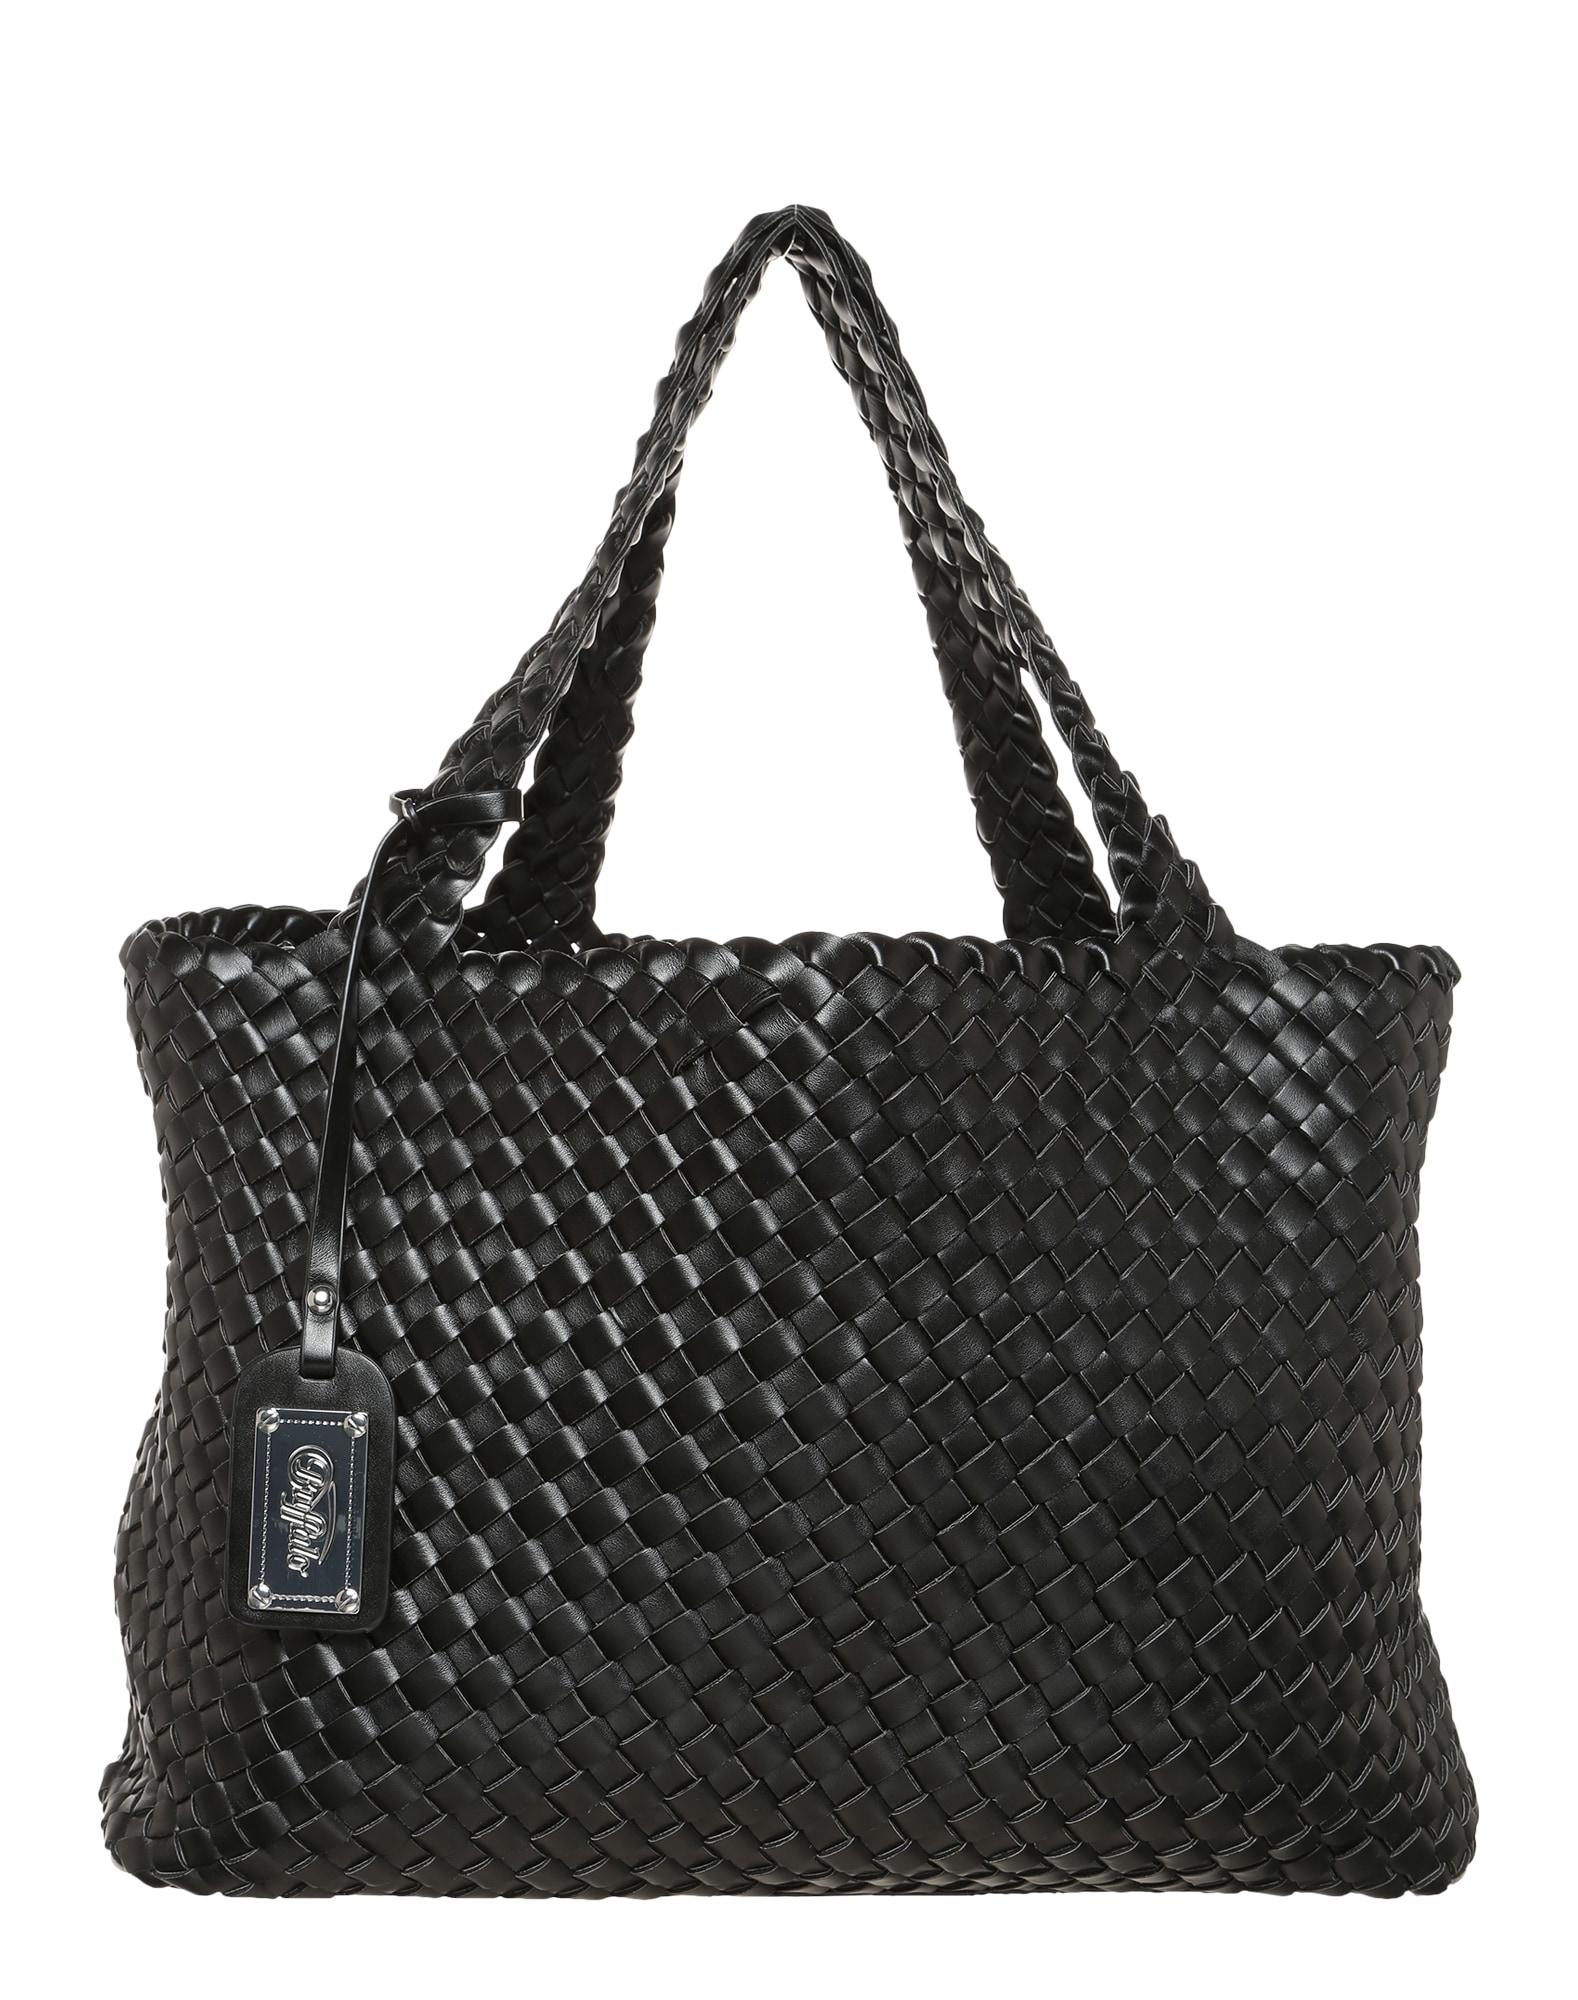 BUFFALO Pirkinių krepšys juoda